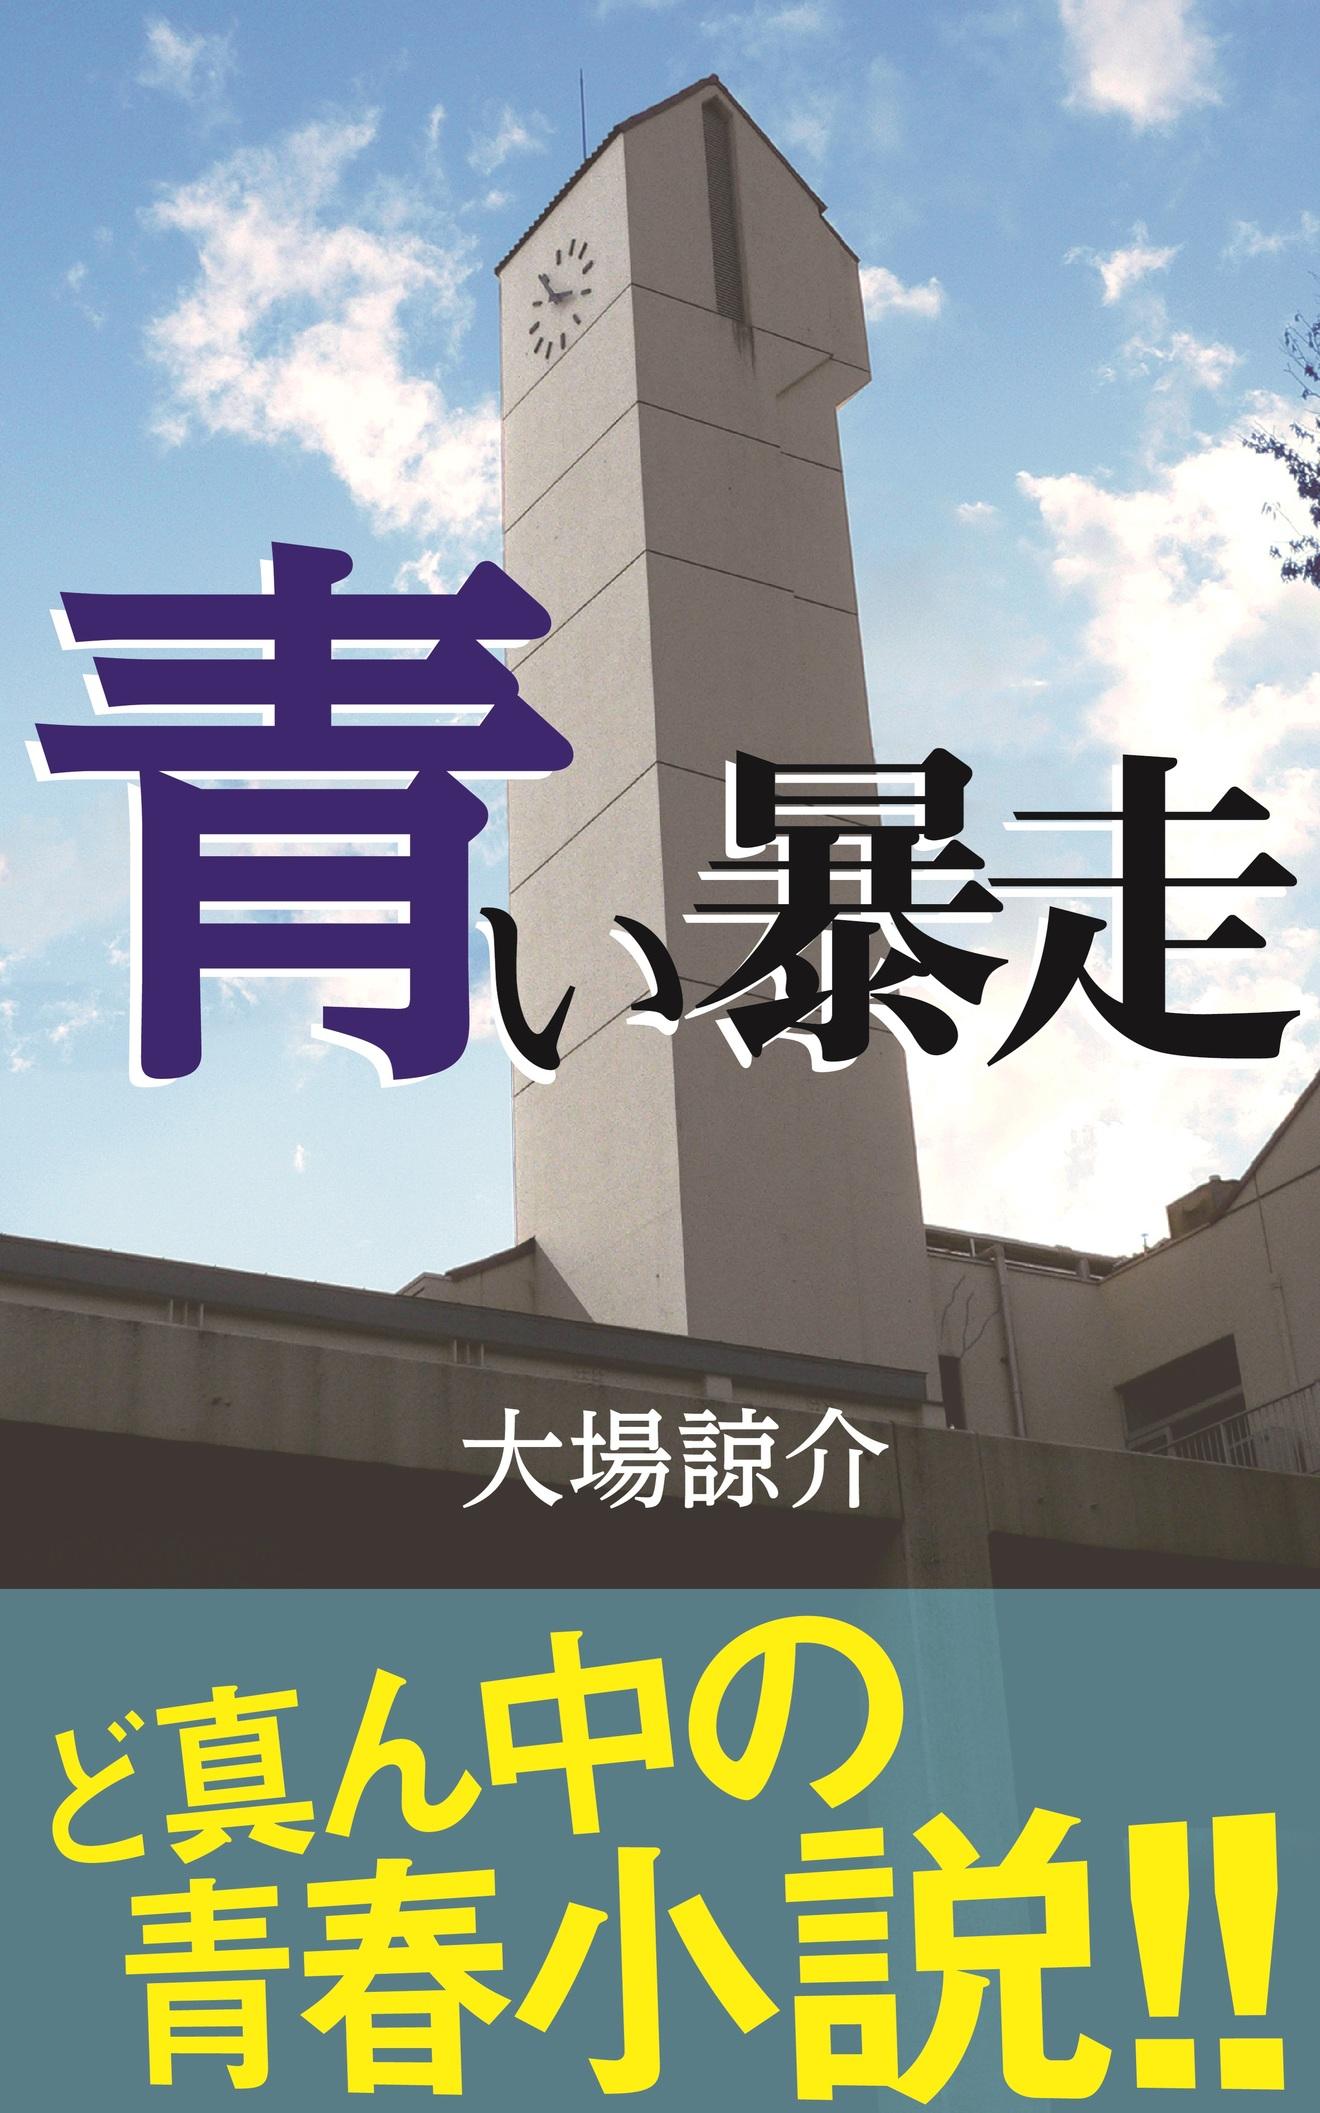 【連載小説】「青い暴走」シリーズ「優しい音」第2話【毎週土曜更新】